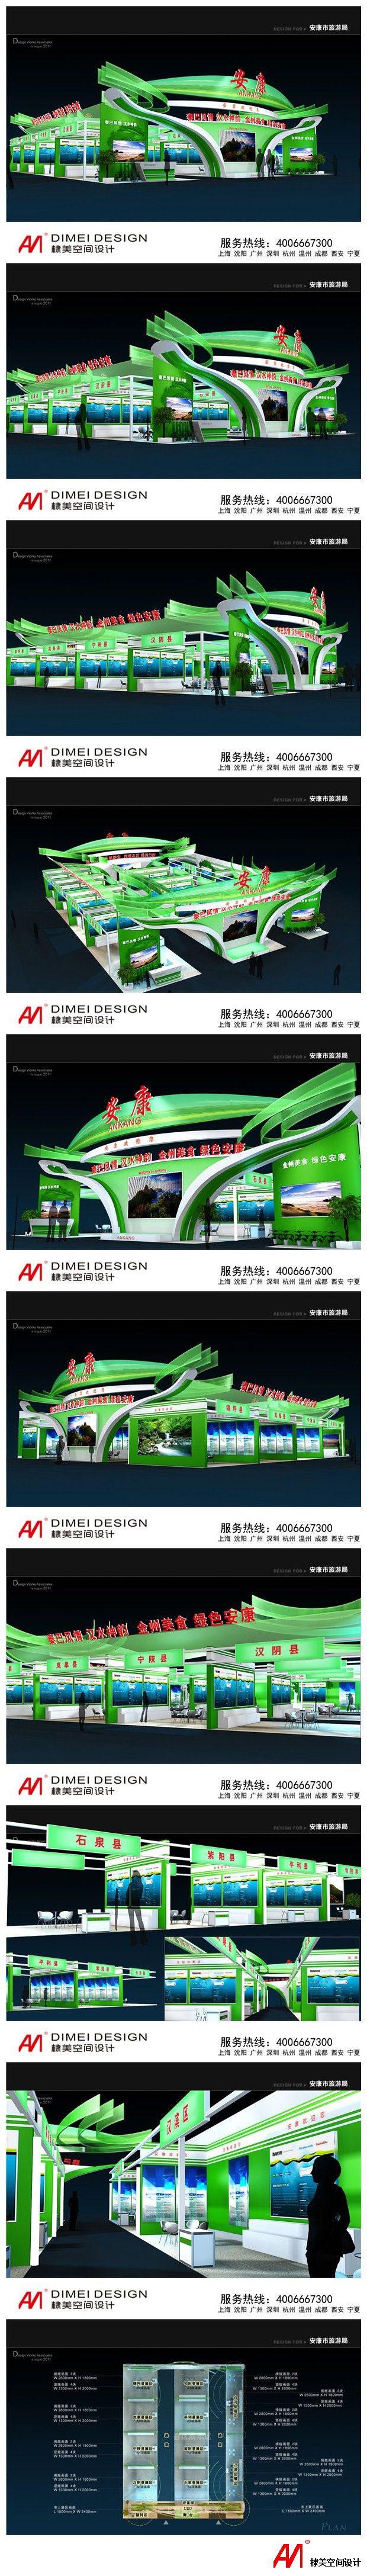 旅游局政府展台设计案例2